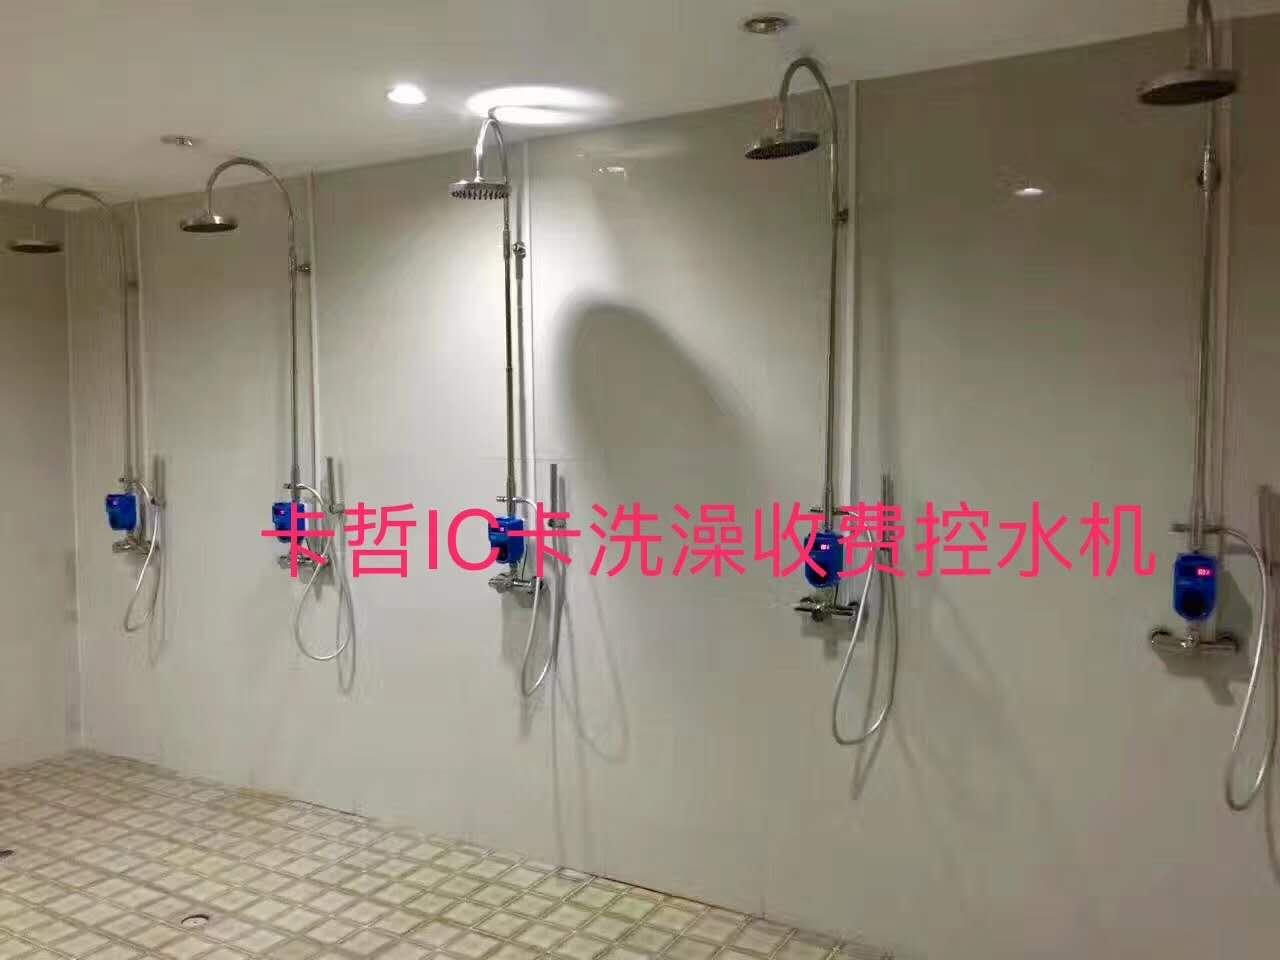 山东公寓节水刷卡器.宾馆浴室刷卡用水.插卡式热水计量